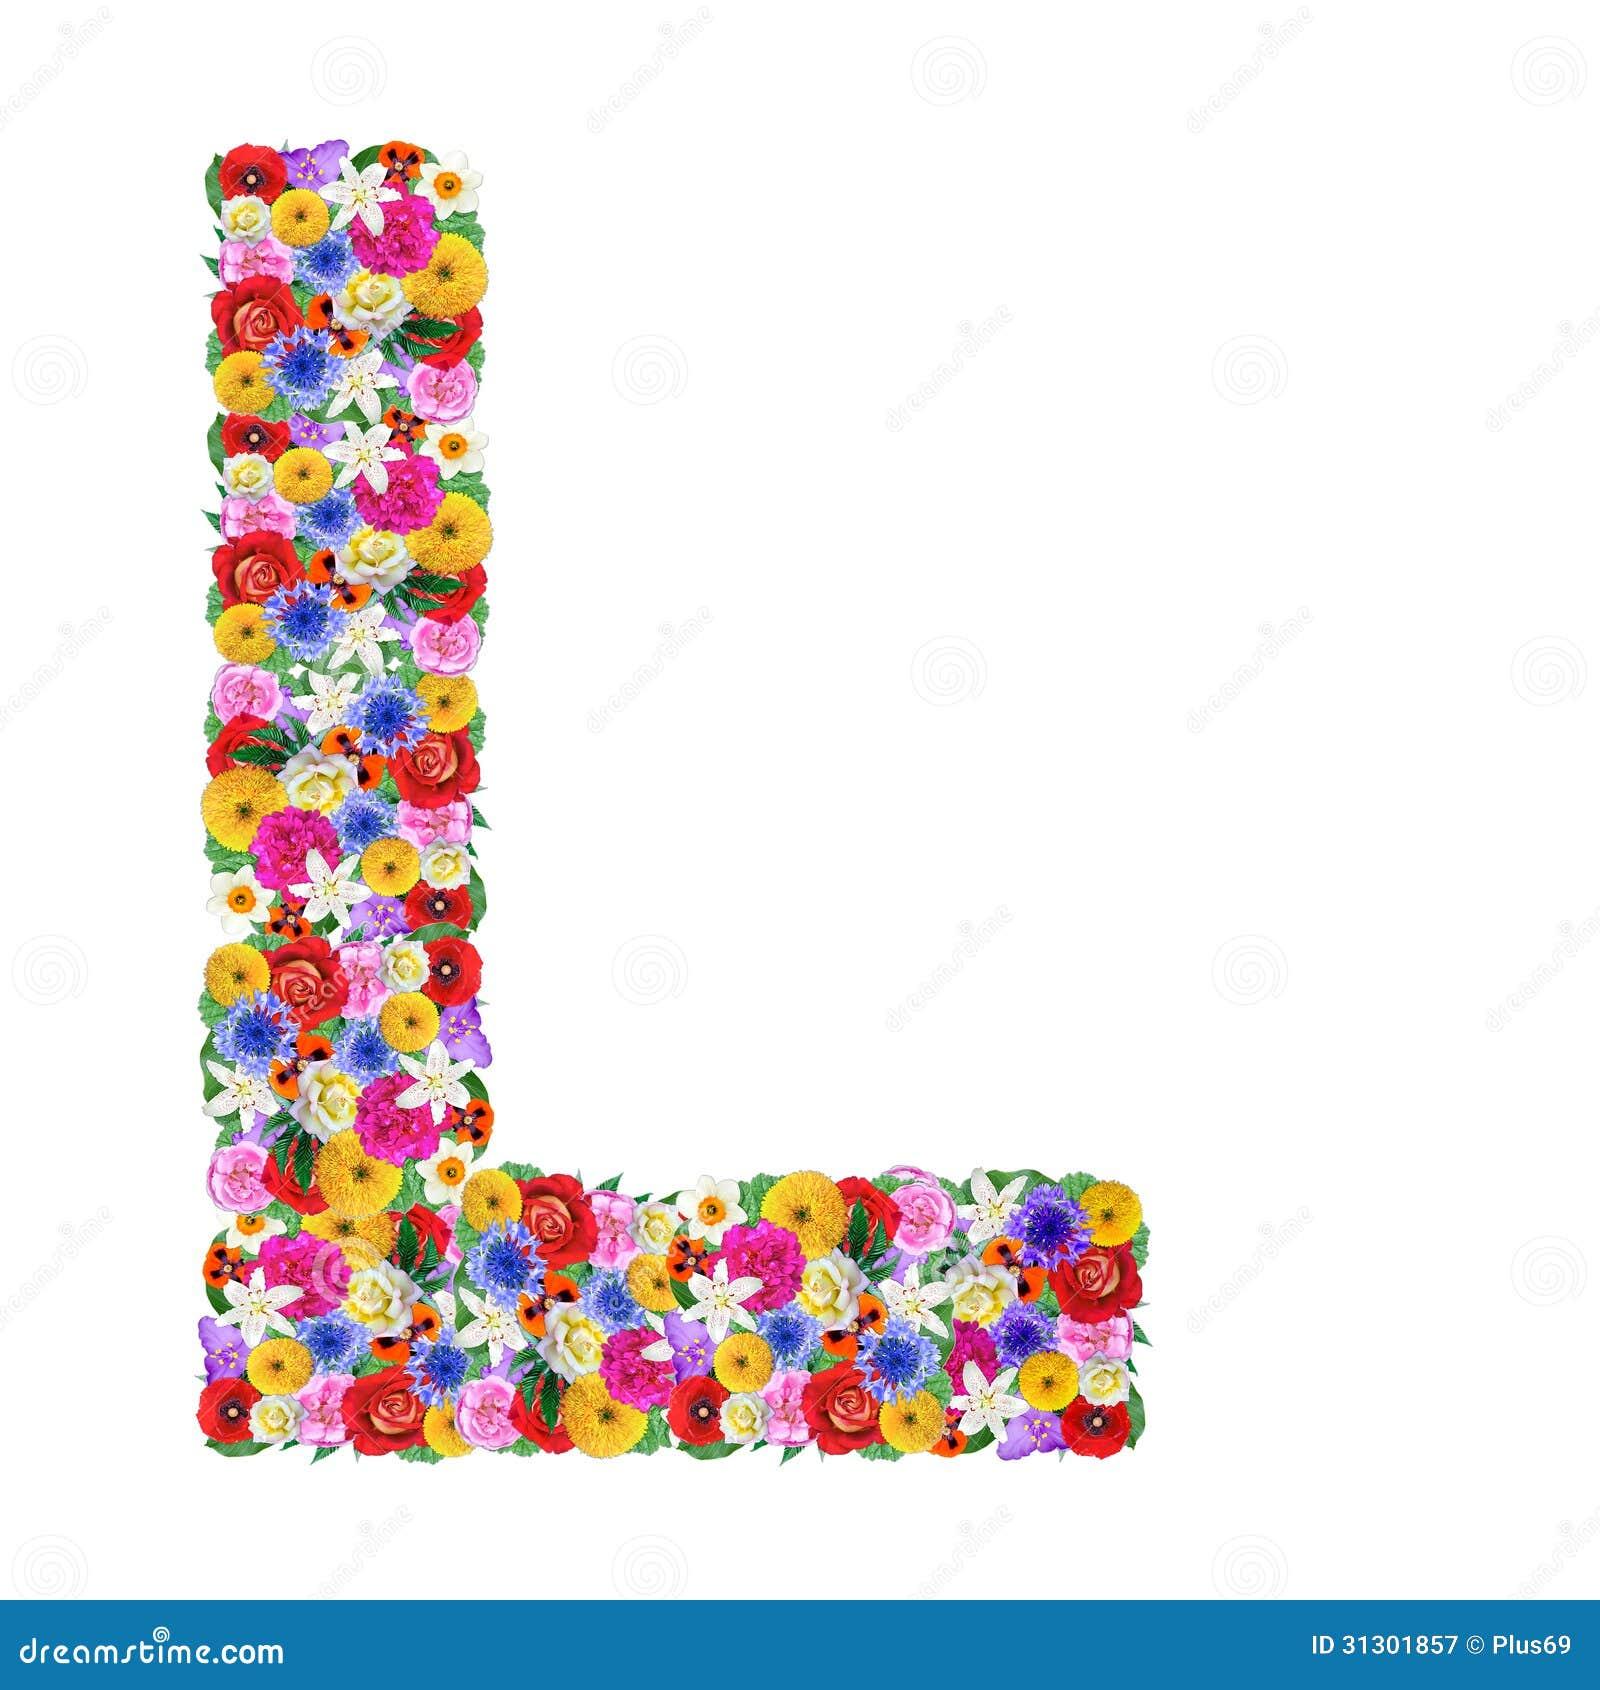 l lettre de l 39 alphabet dans diff rentes fleurs photographie stock libre de droits image 31301857. Black Bedroom Furniture Sets. Home Design Ideas